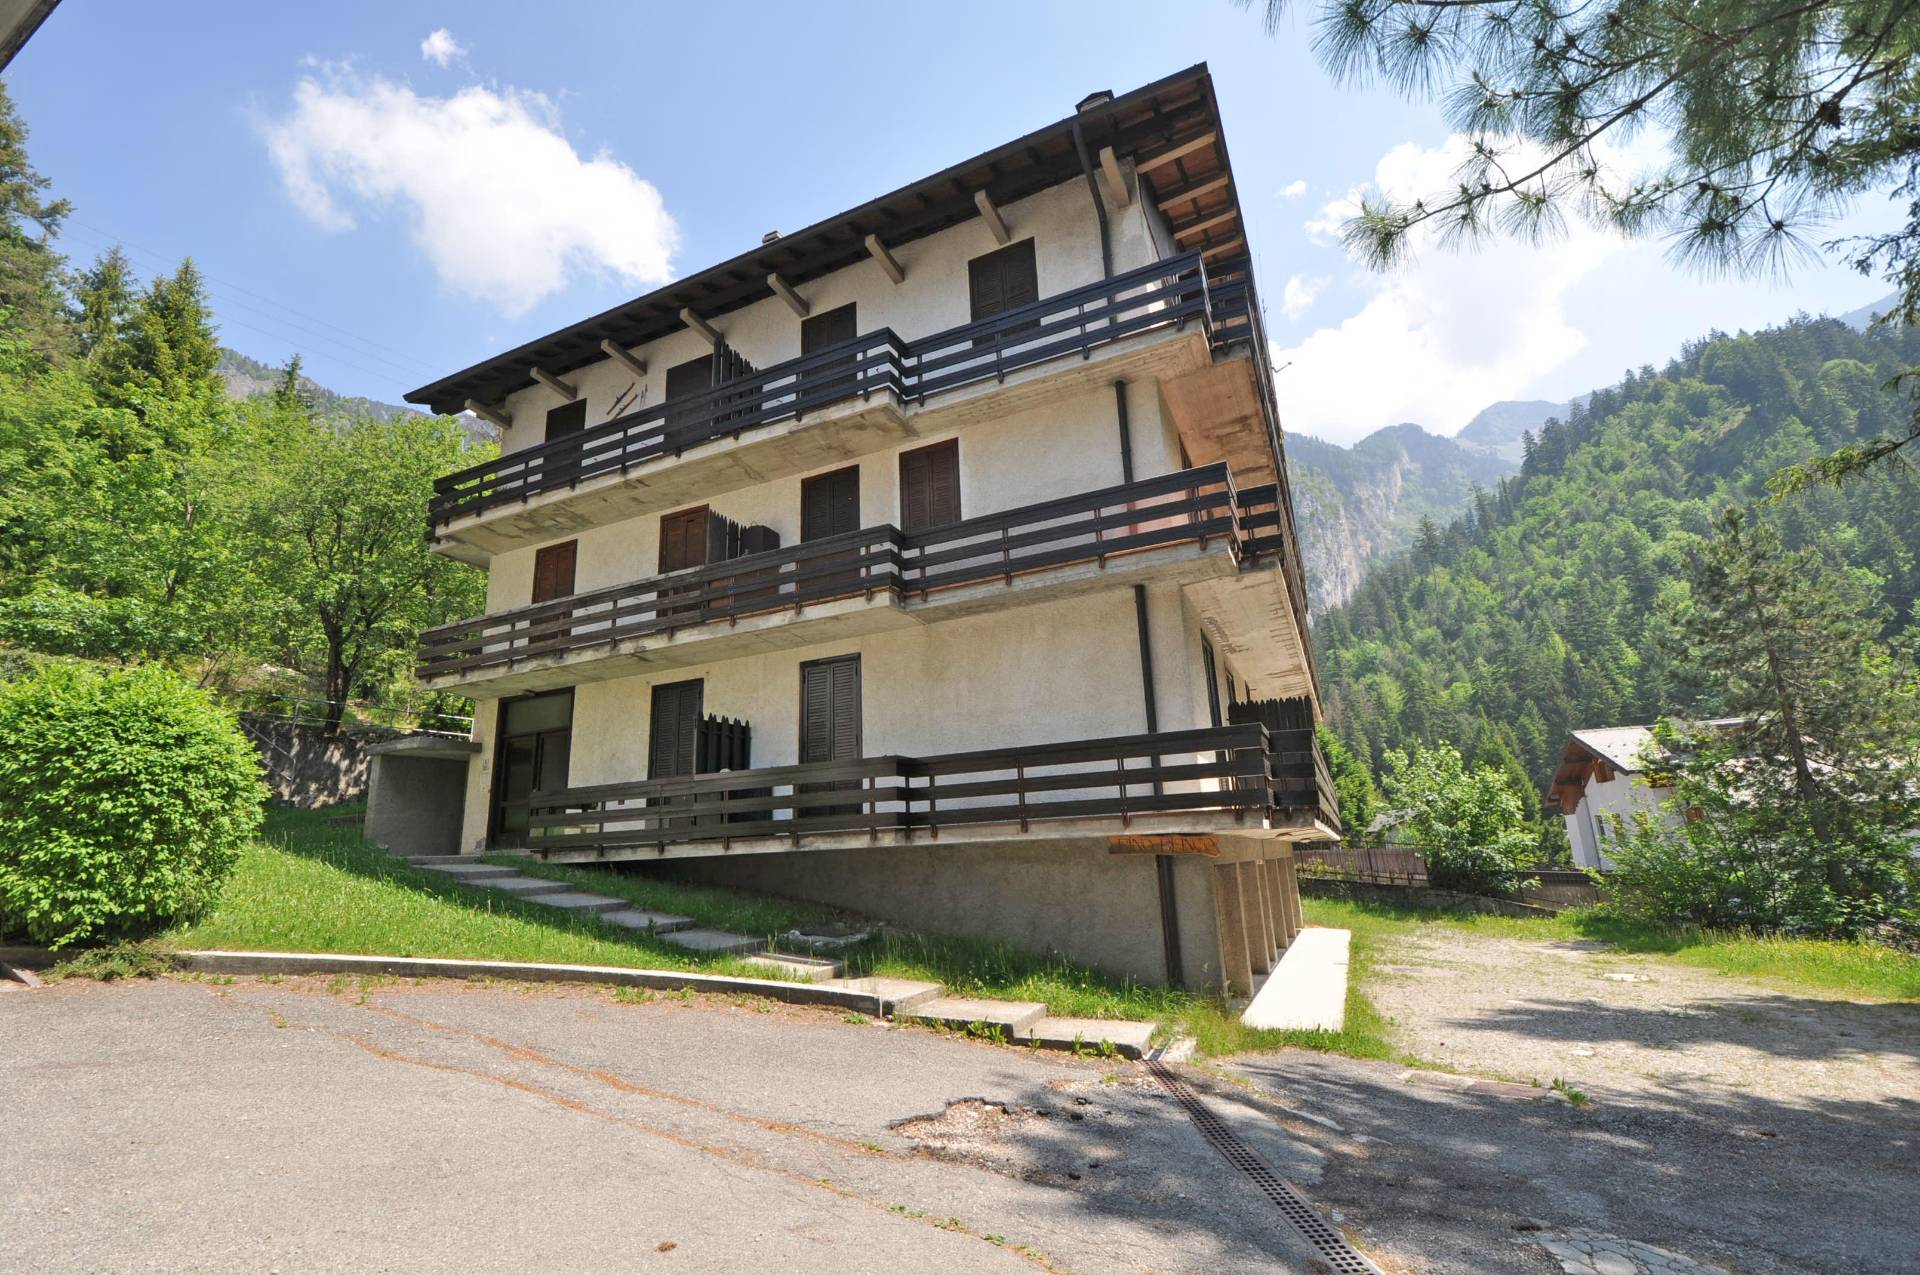 Appartamento in vendita a Piazzatorre, 3 locali, prezzo € 45.000 | Cambio Casa.it